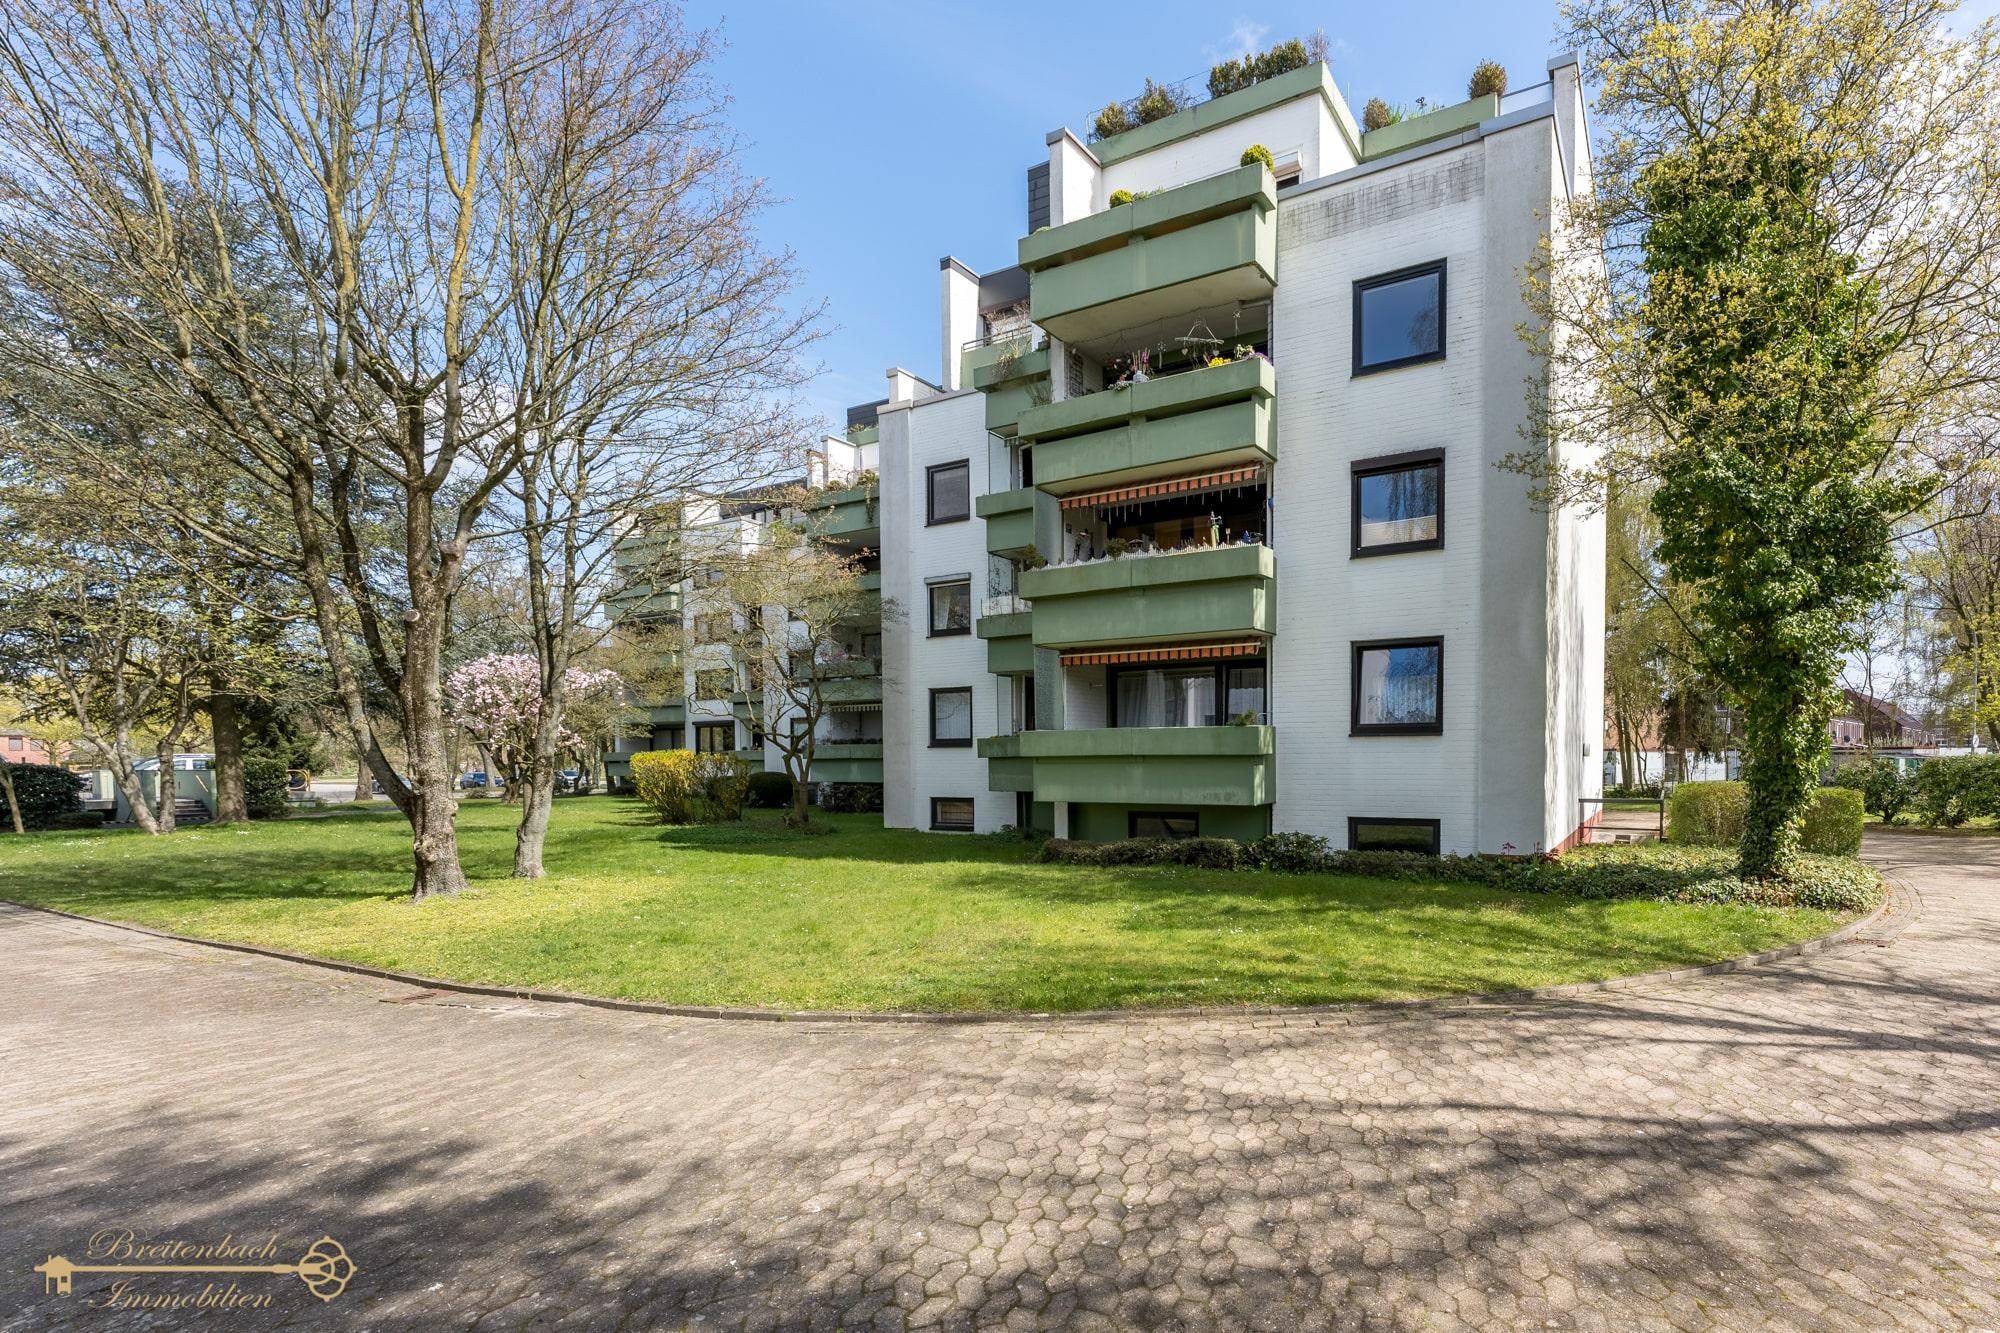 2021-04-24-Breitenbach-Immobilien-Makler-Bremen-4-min